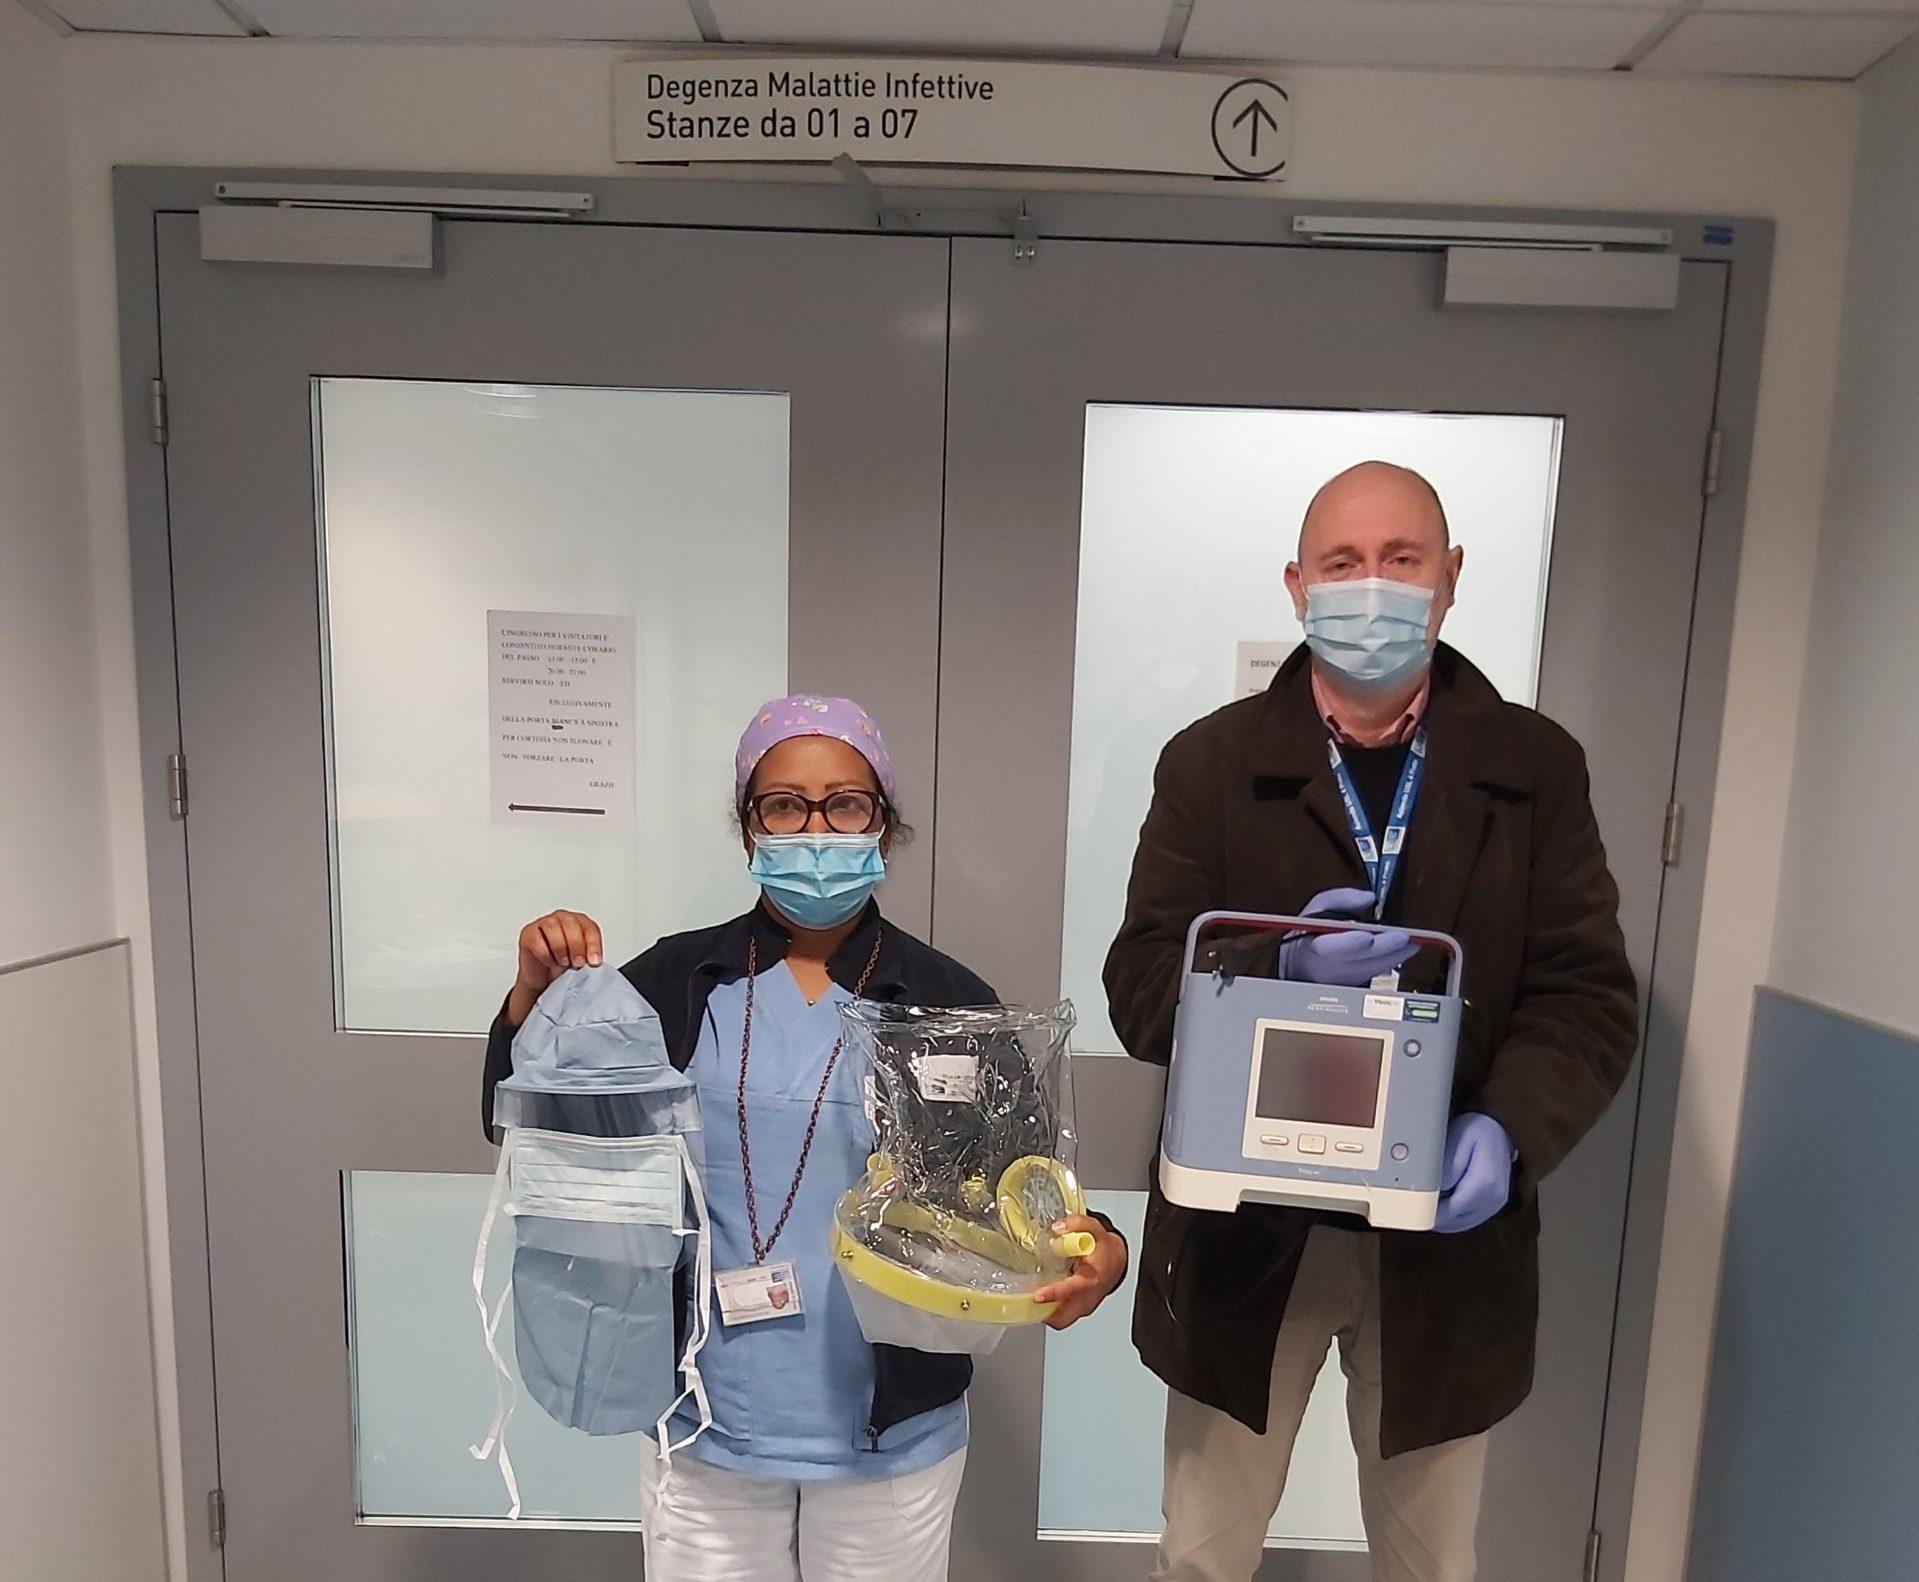 La Fondazione AMI consegna al personale sanitario strumenti e dispositivi di protezione